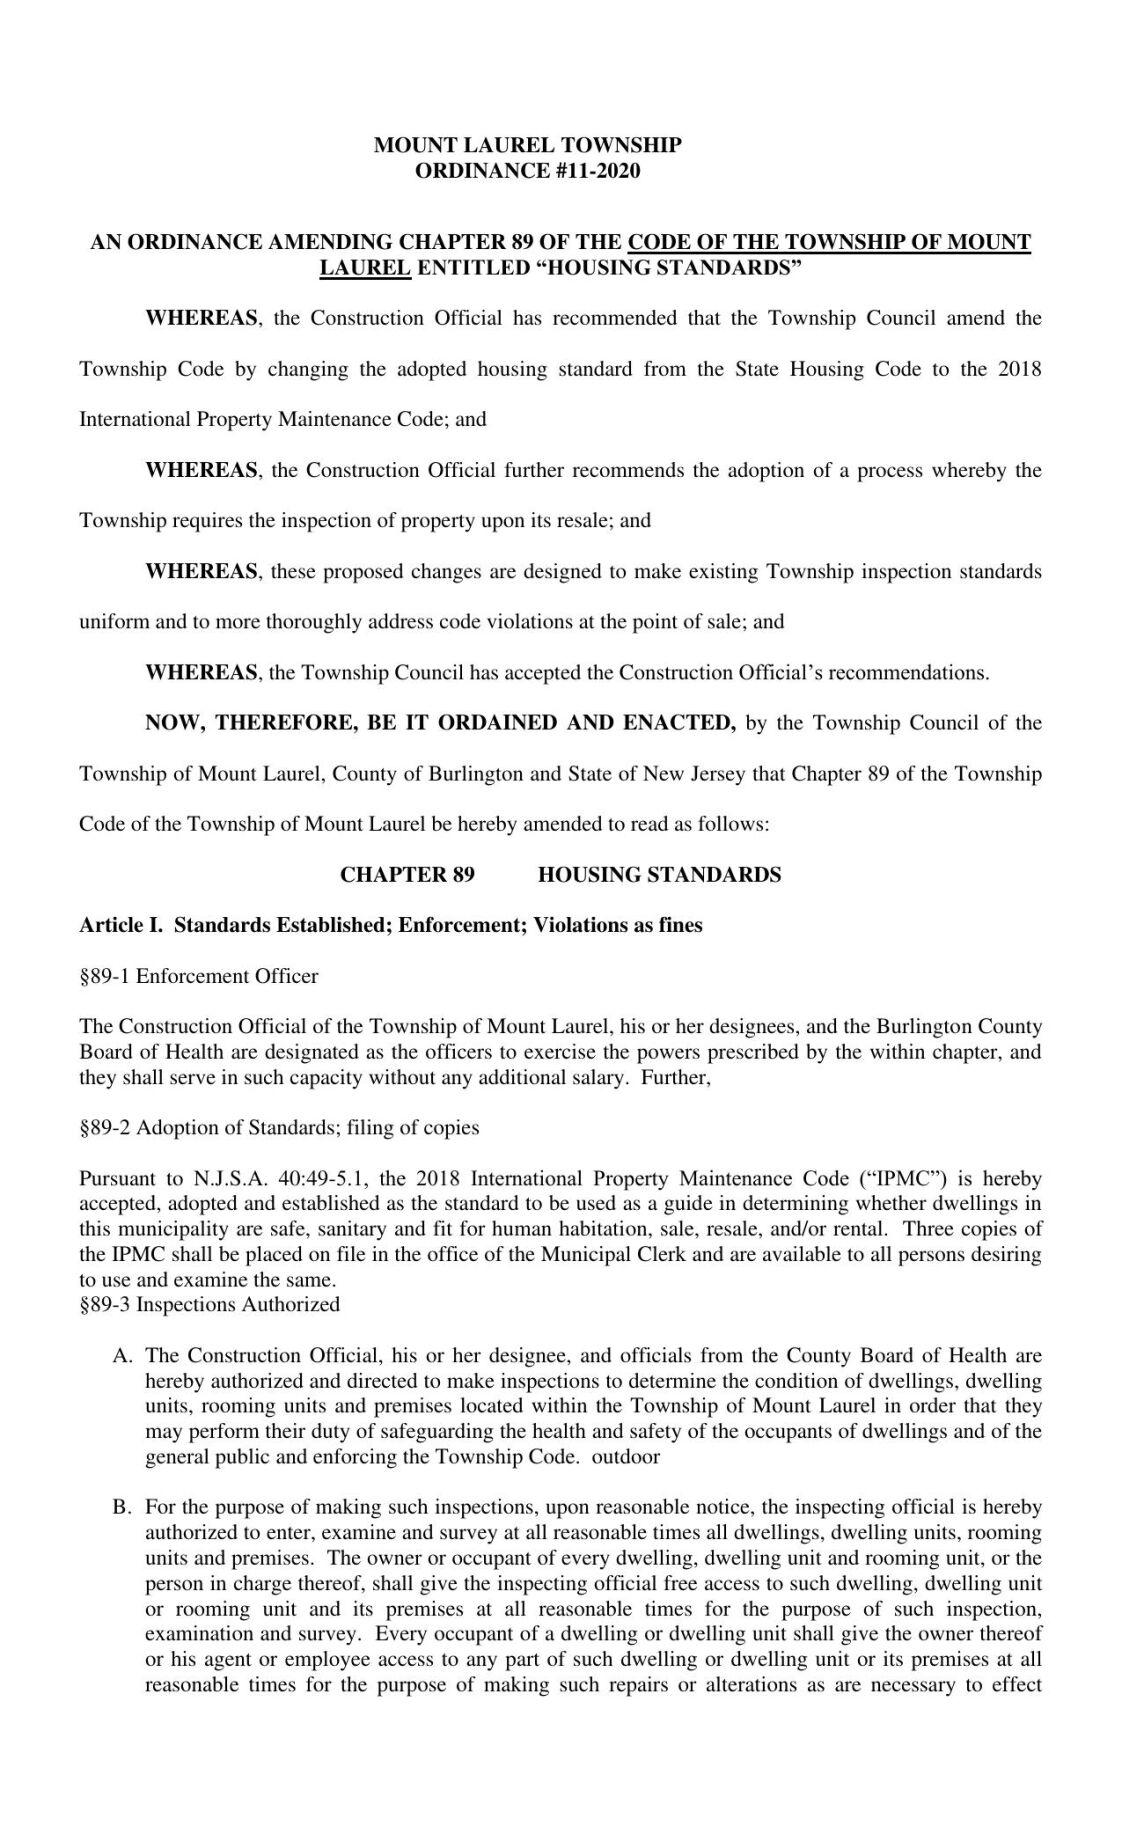 Mount Laurel home inspection ordinance